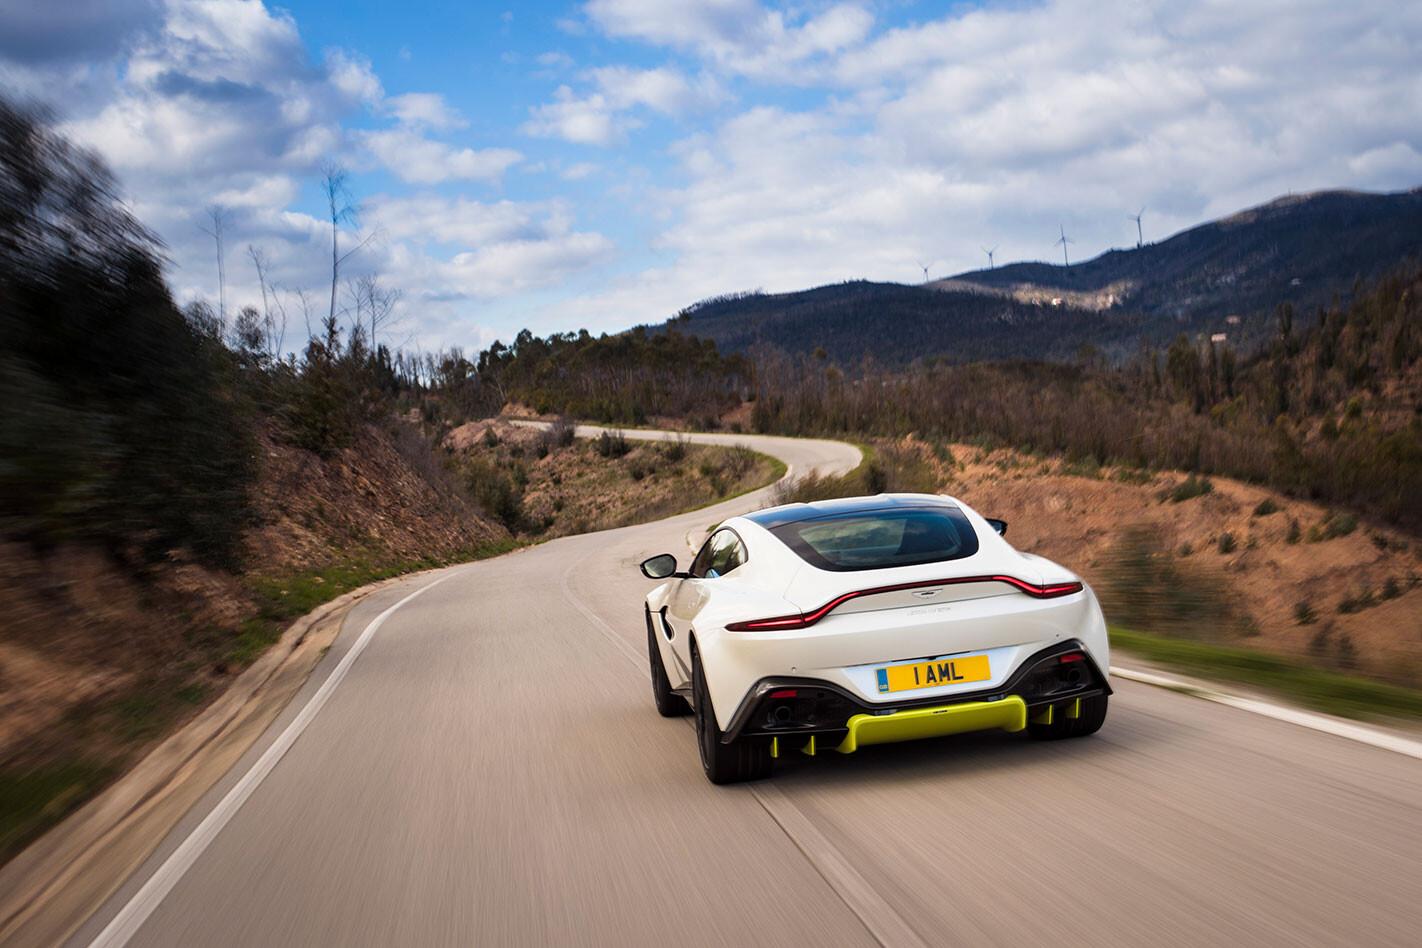 2018 Aston Martin Vantage rear